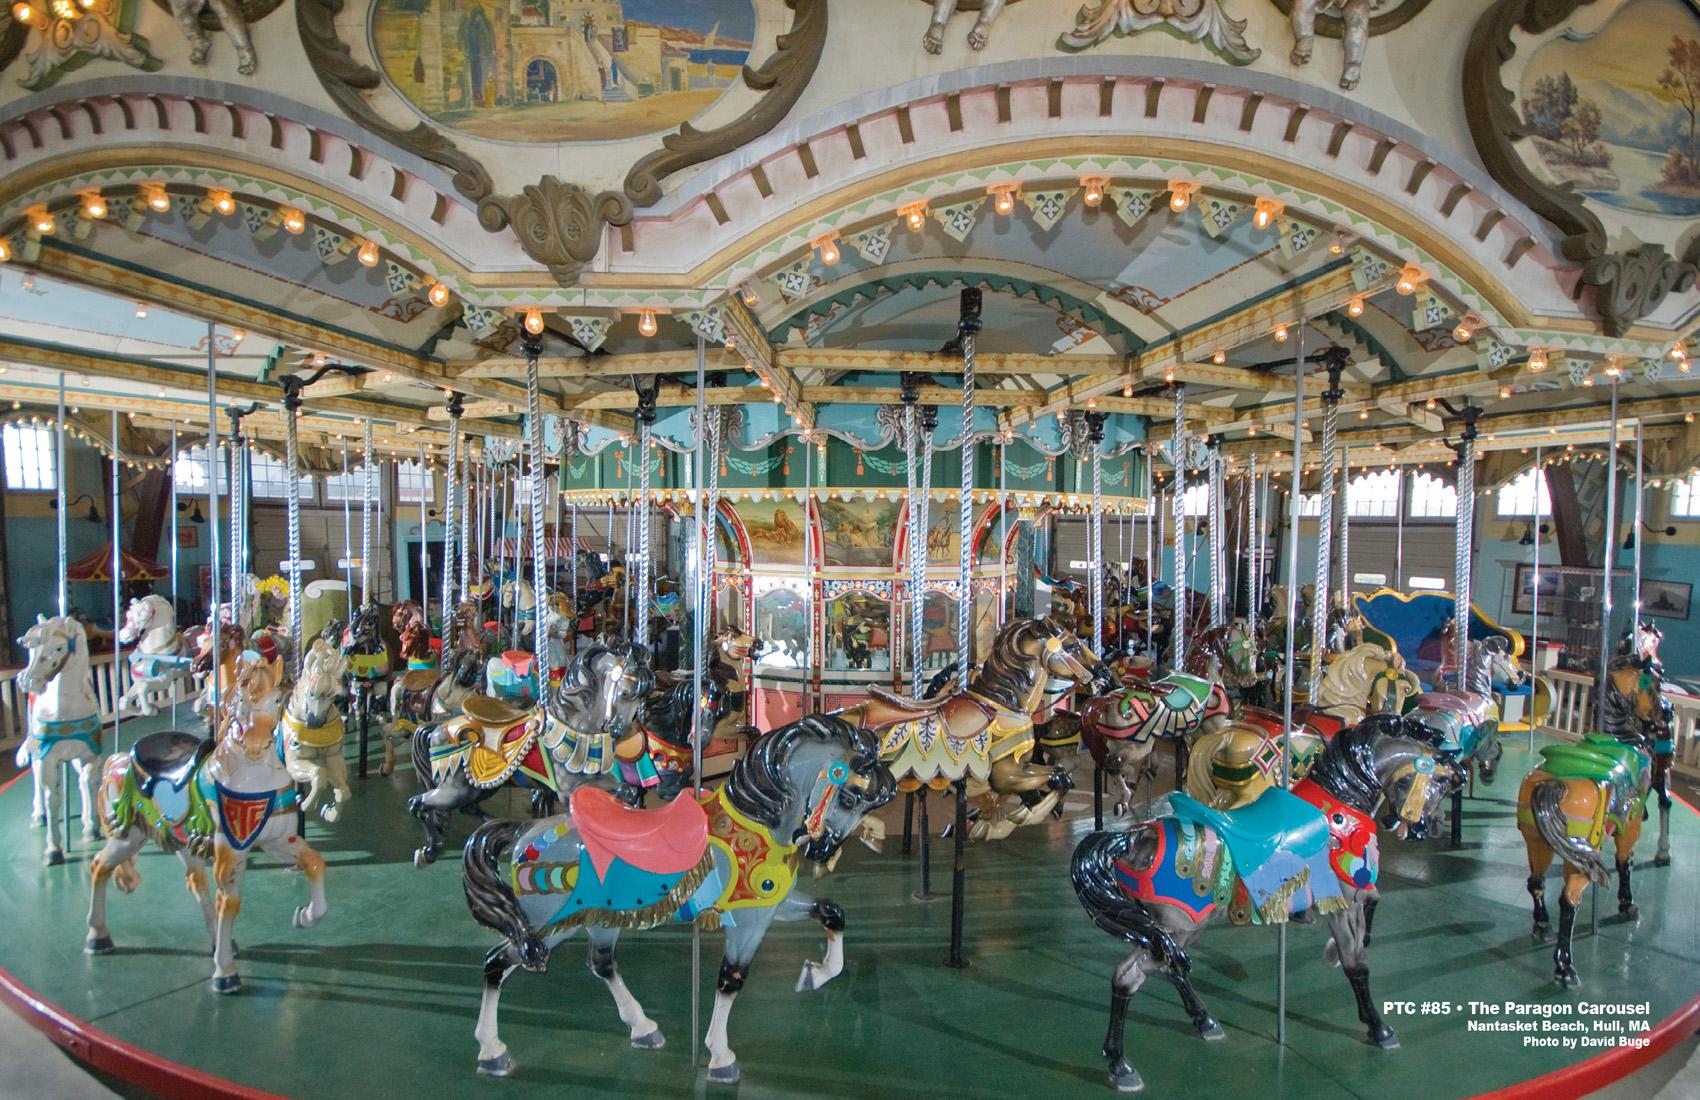 Historic-PTC-85-Paragon-carousel-Nantasket-Beach-CNT-center-JUN-08